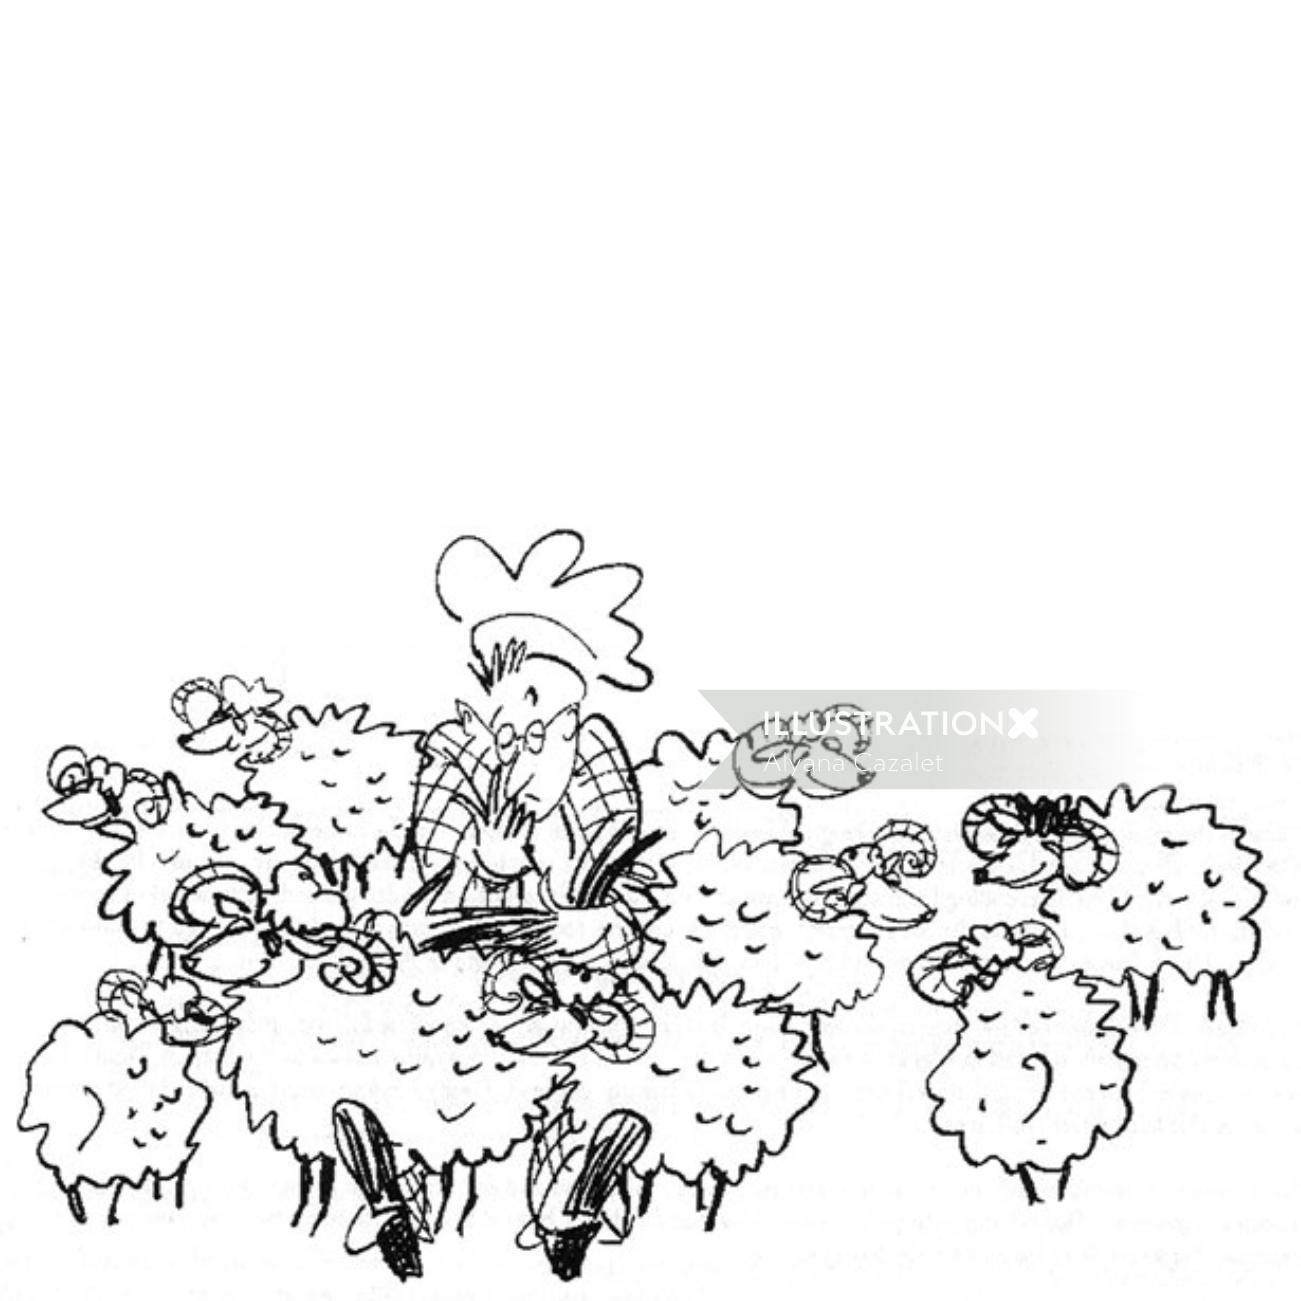 Cartoon sheep illustration by Alyana Cazalet